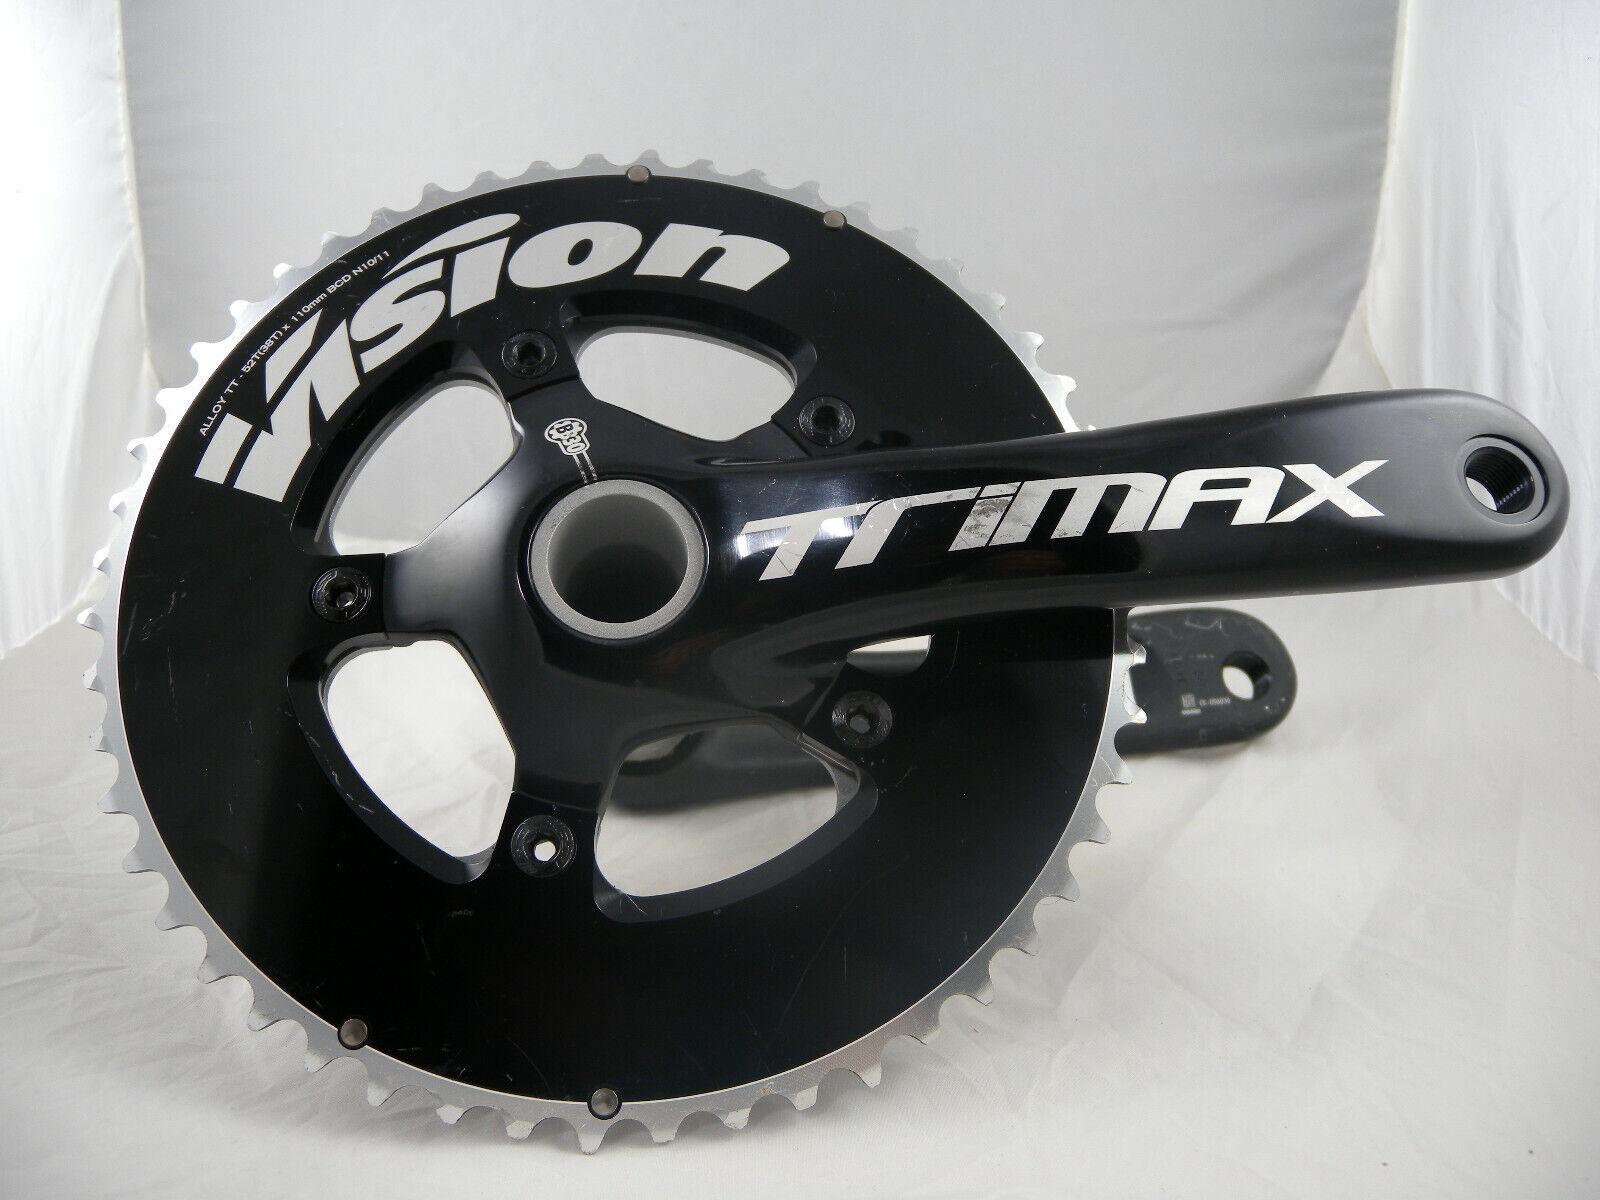 NEW FSA VISION TRIMAXPRO Crank Set Alloy TT 175mm 52//38